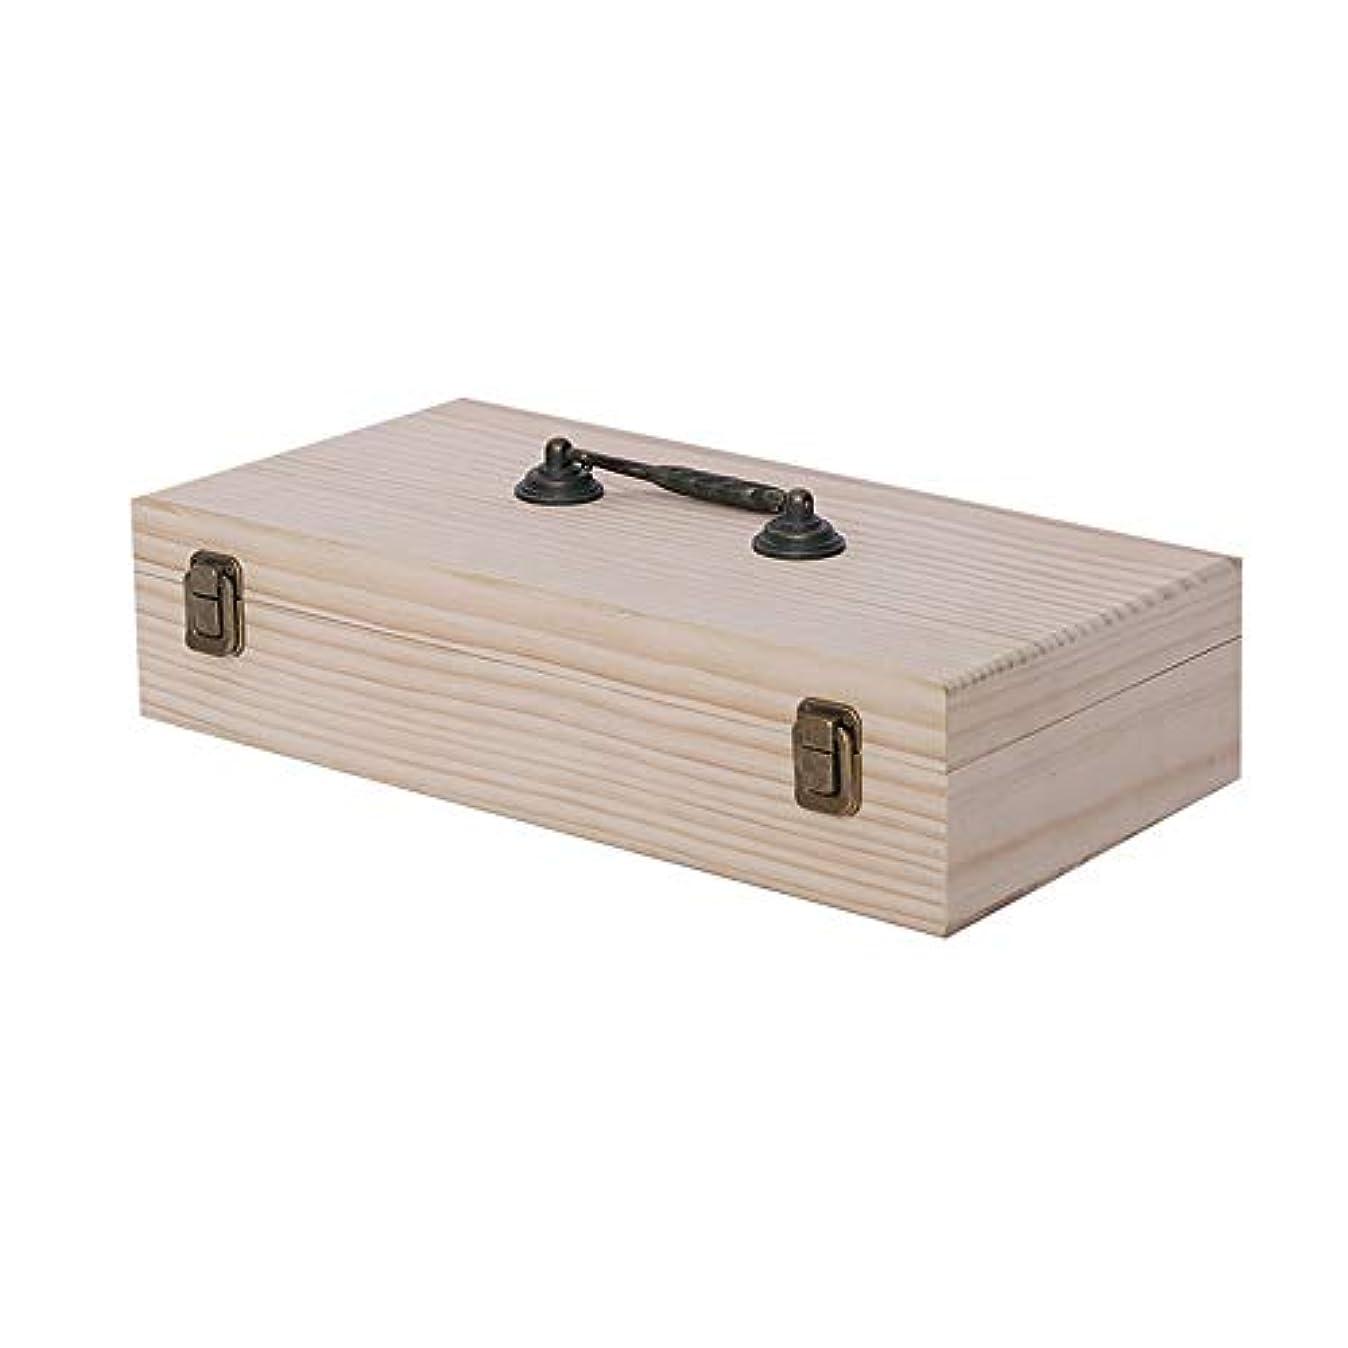 ペースト刺すステージ46スロット木エッセンシャルオイルボックス収納ディスプレイの旅行プレゼンテーション用ケースオーガナイザーホルダーキャリーは、エレガントな装飾的なデザインでは5?15ミリリットルボトルを保護します アロマセラピー製品 (色...